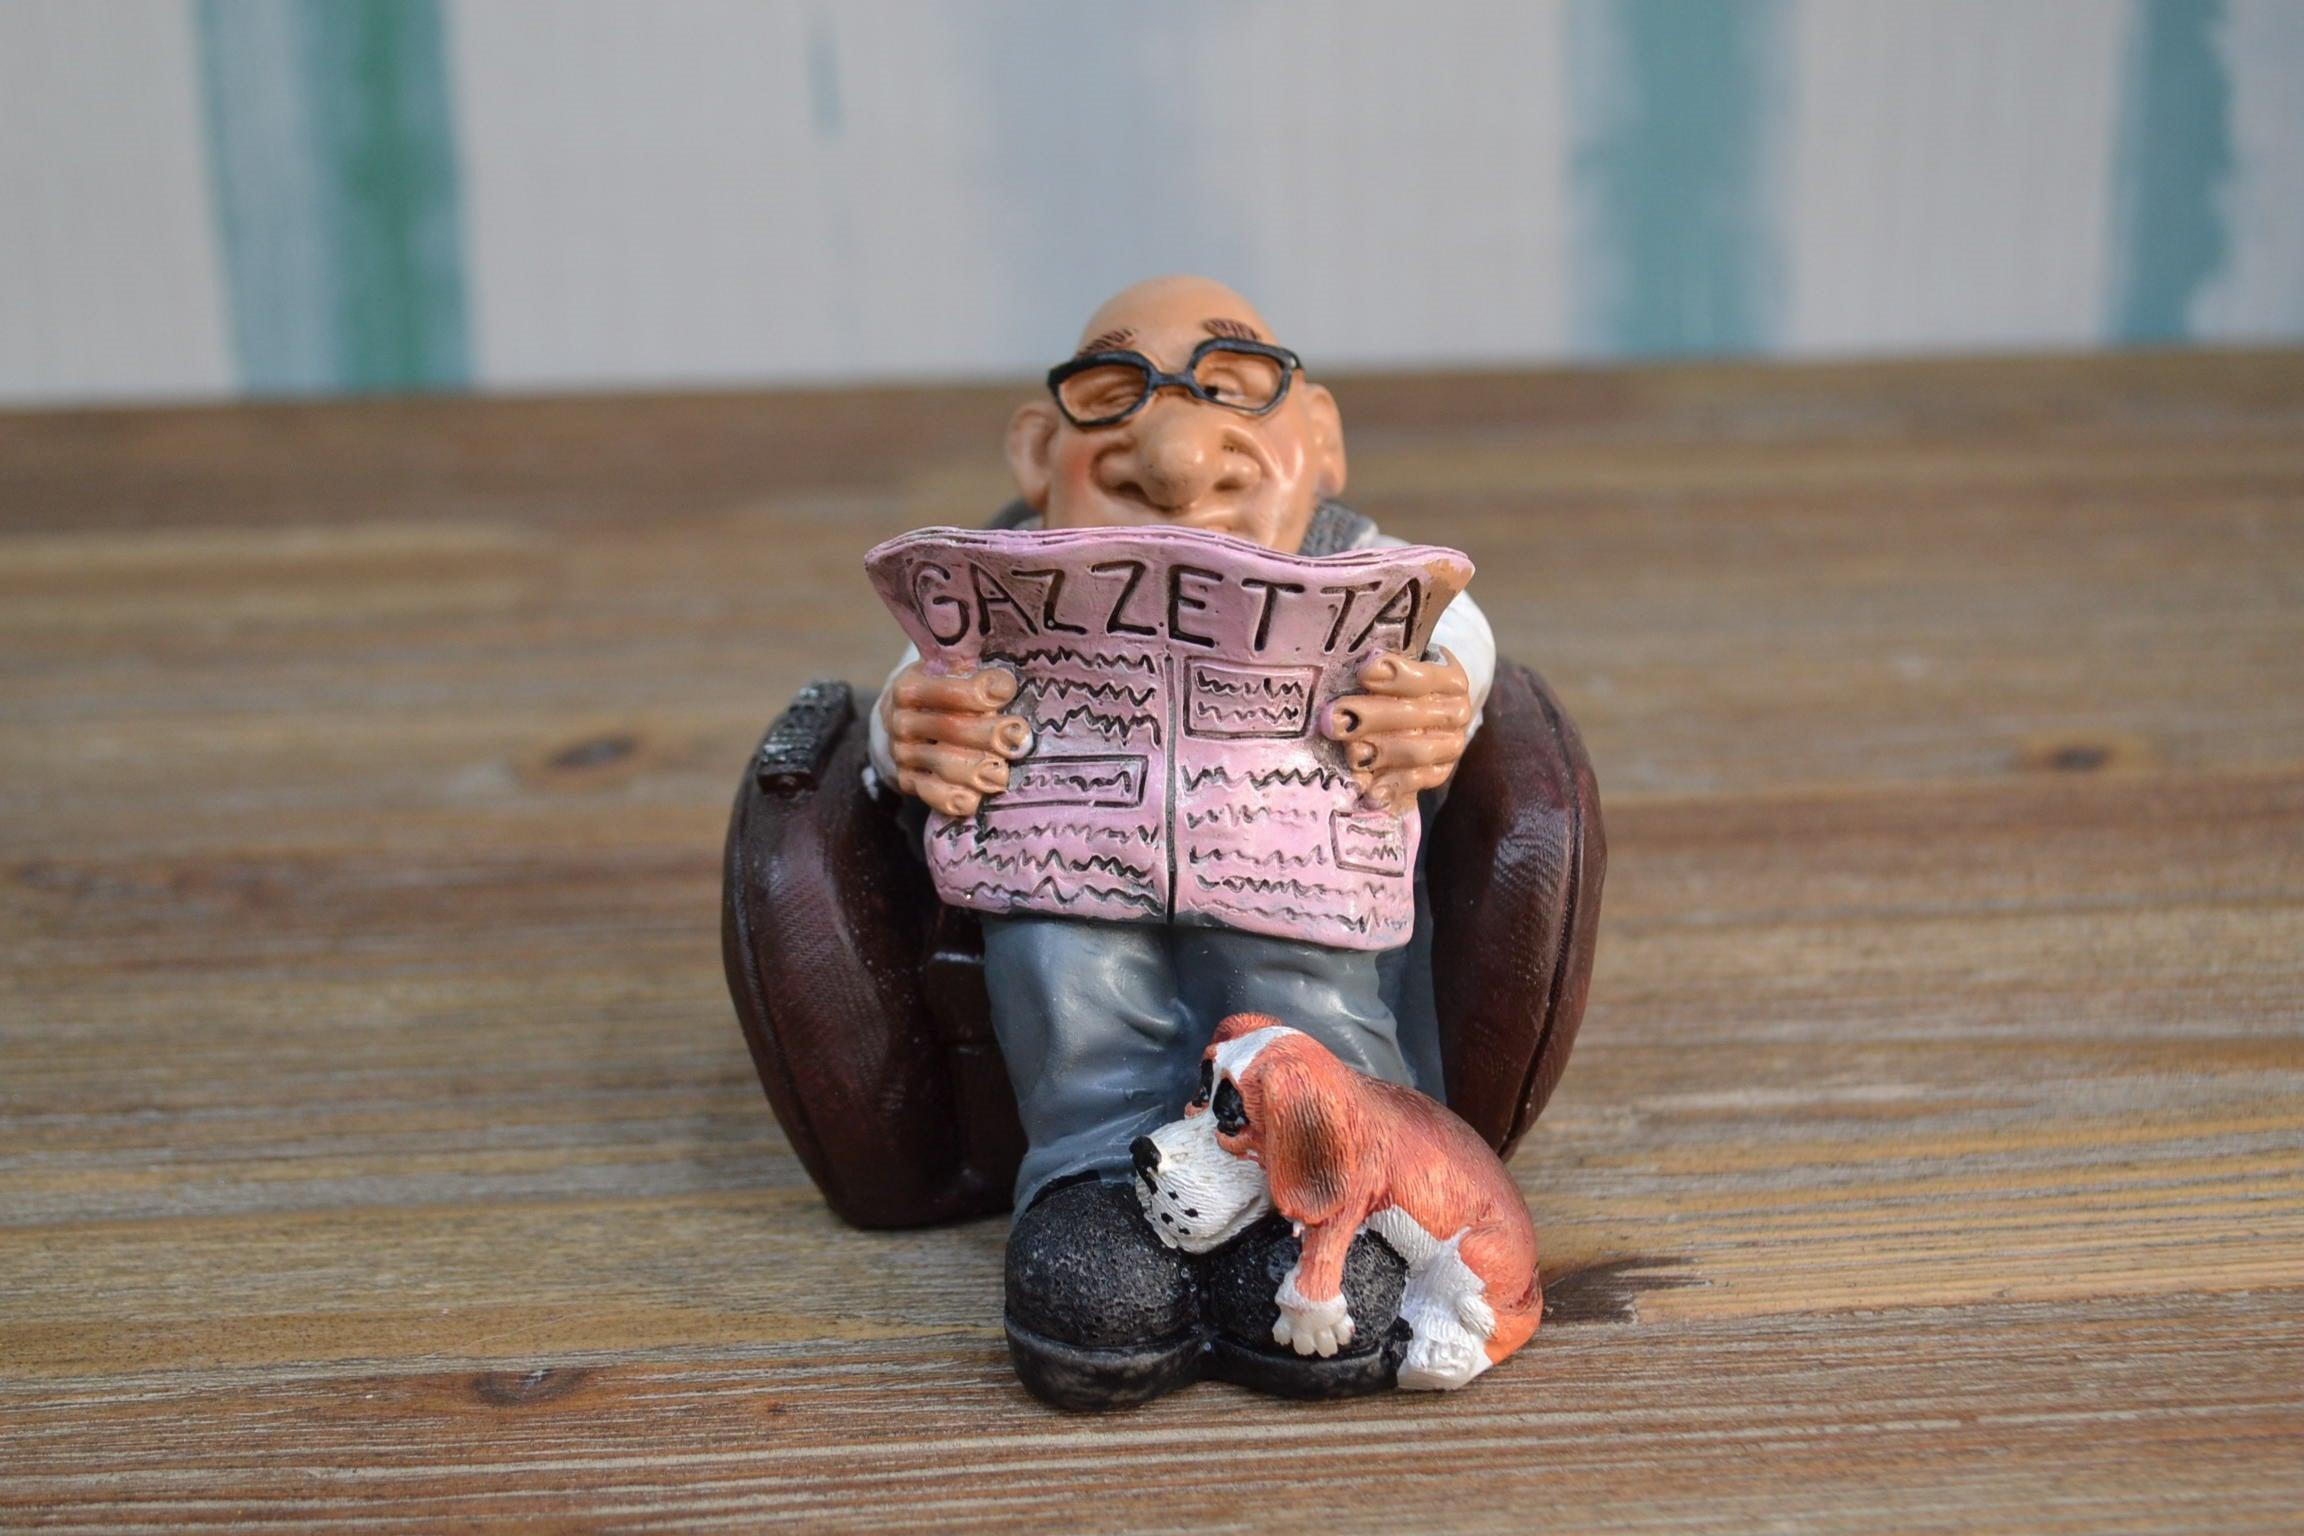 Nonno In Poltrona.Caricatura Di Mestiere Nonno In Poltrona H 9 Art W9901 Smi